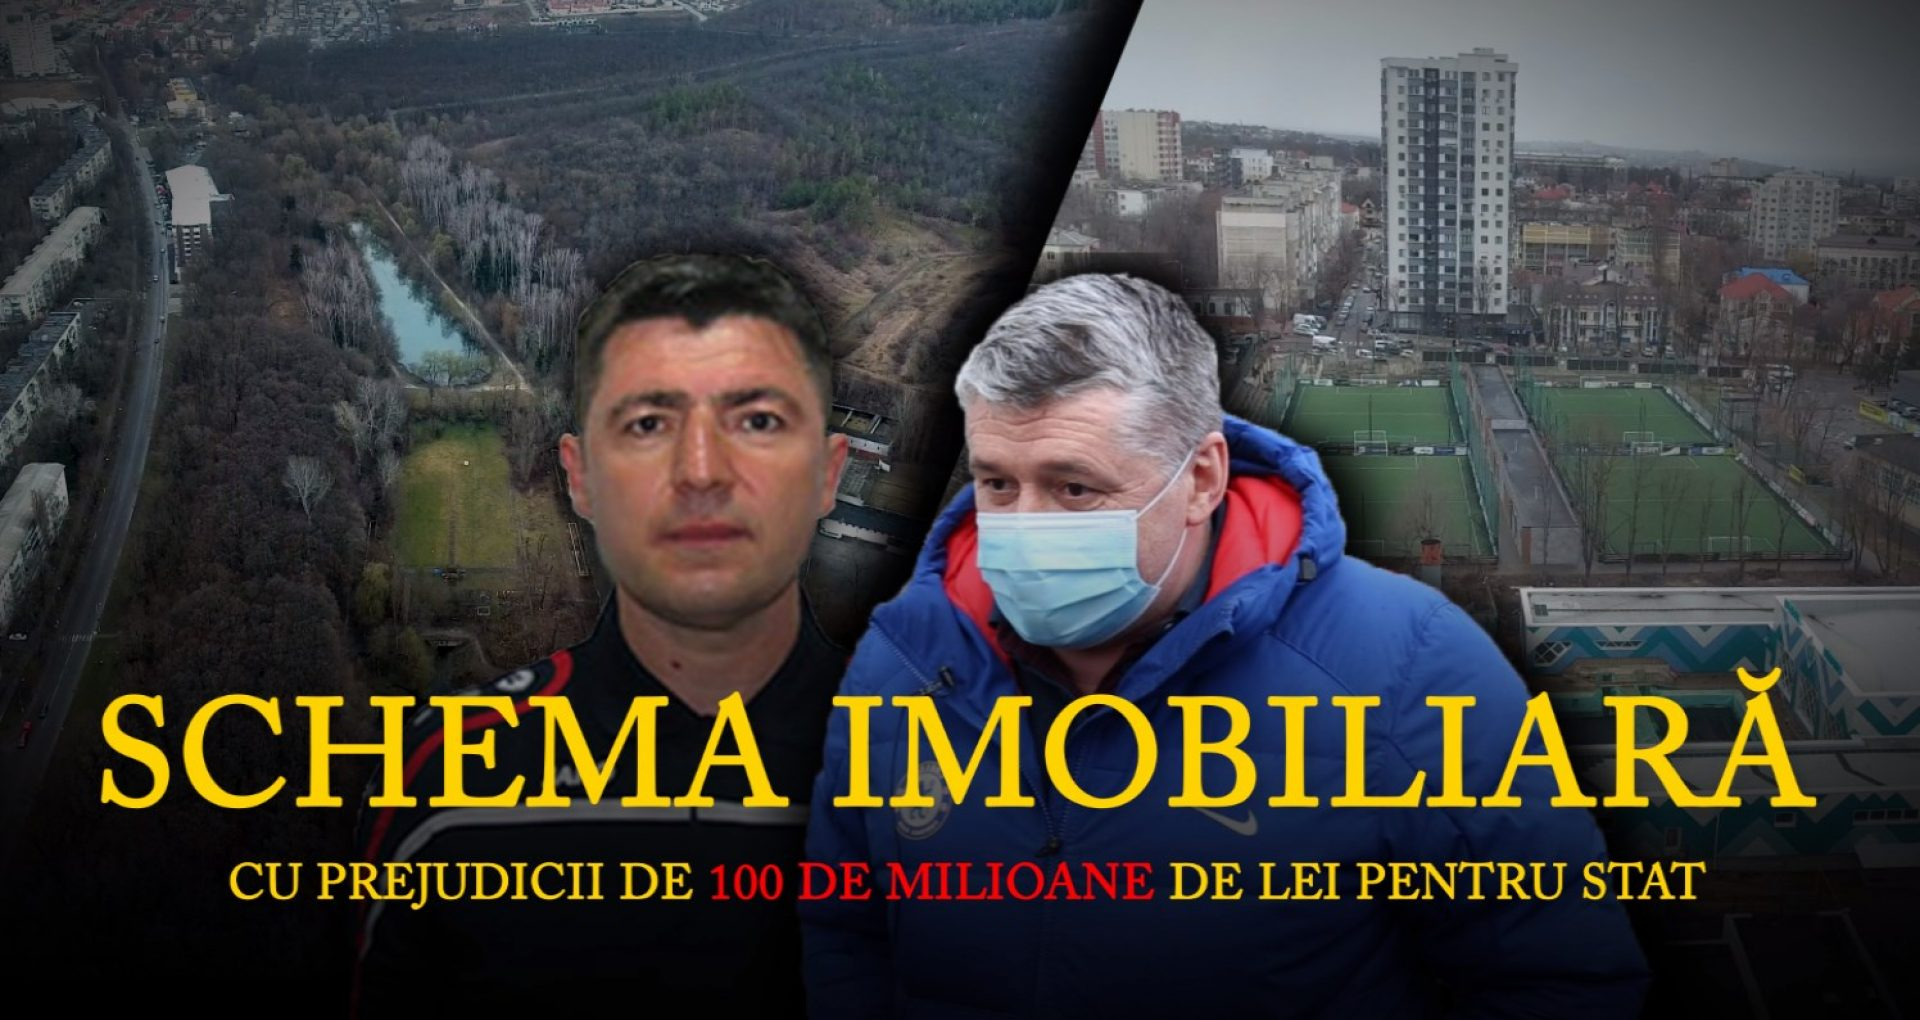 """VIDEO/ Schema imobiliară care poate lăsa statul fără 100 de milioane de lei. În rolurile principale: miniștri, fostul șef al Clubului sportiv """"Dinamo"""" și un om de afaceri """"specializat"""" în acapararea terenurilor publice"""